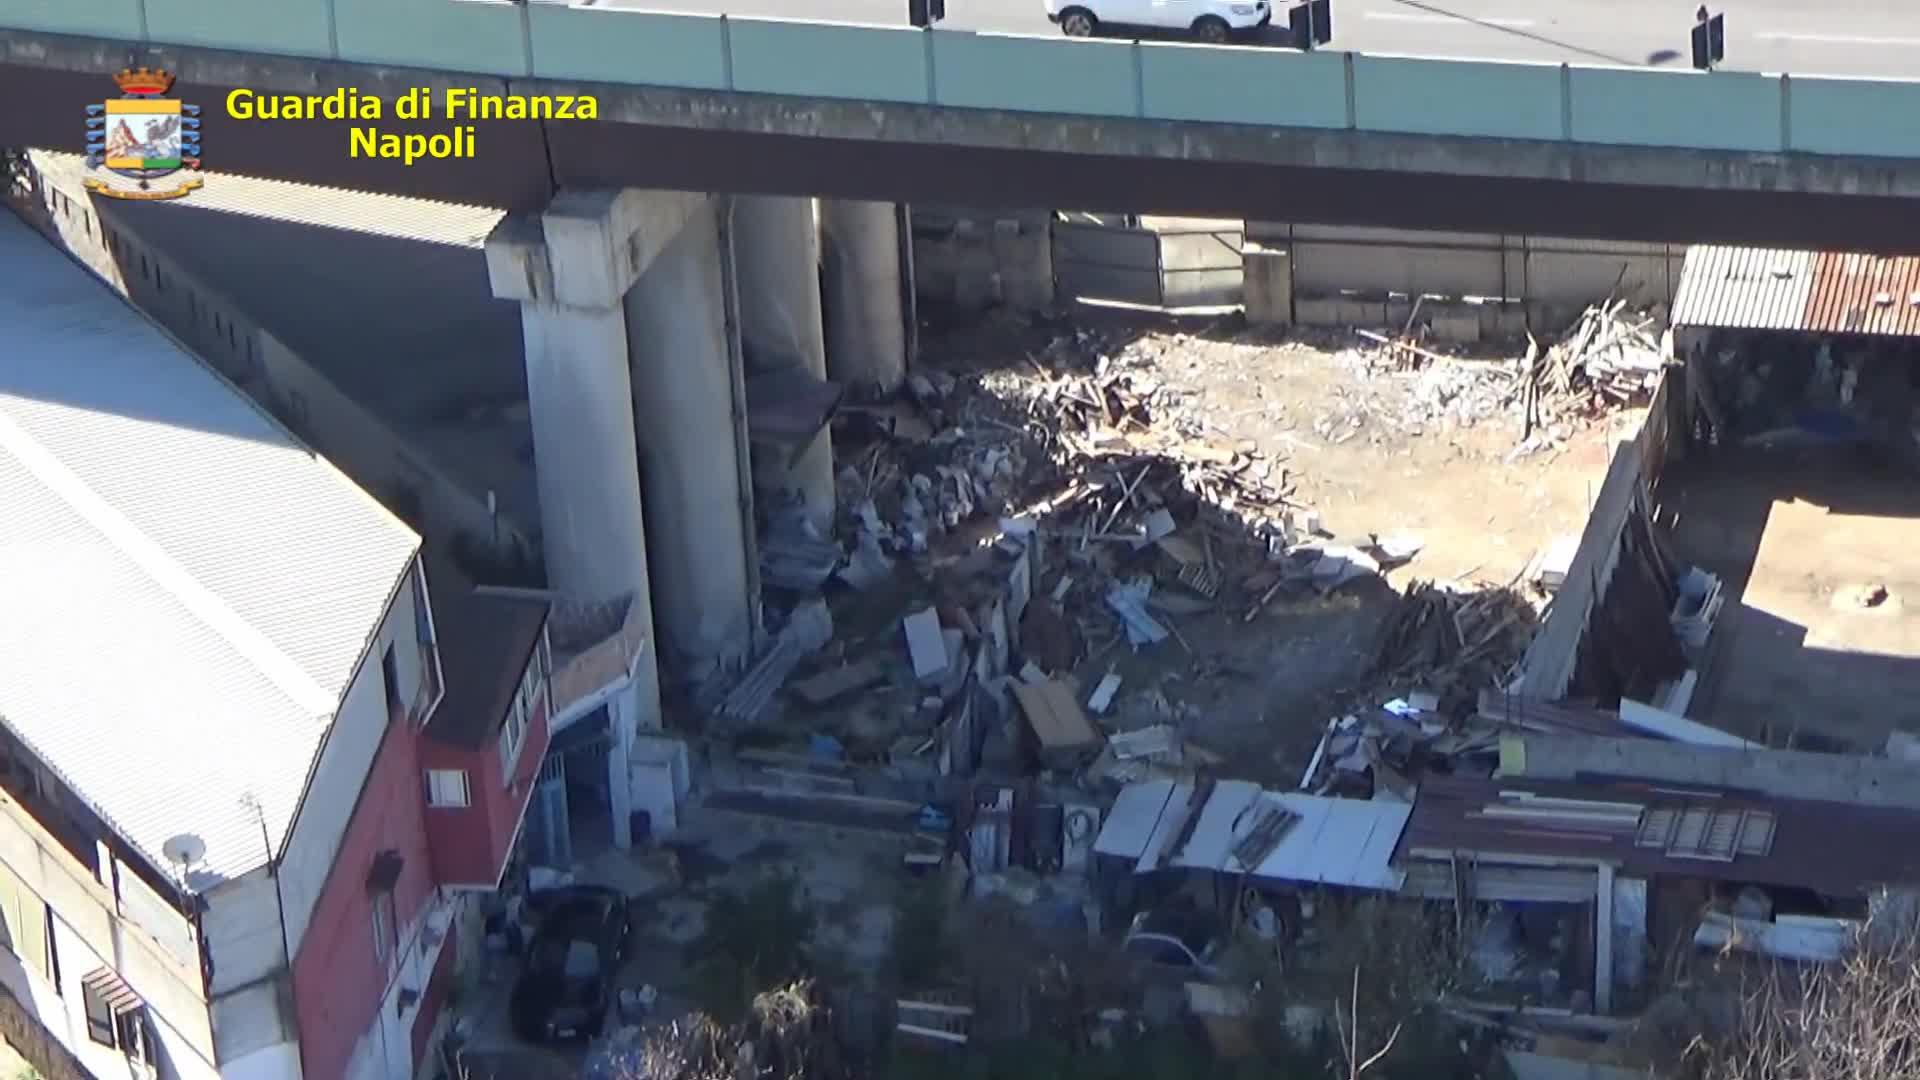 La Guardia di finanza ha sequestrato un'area a Cardito con rifiuti speciali